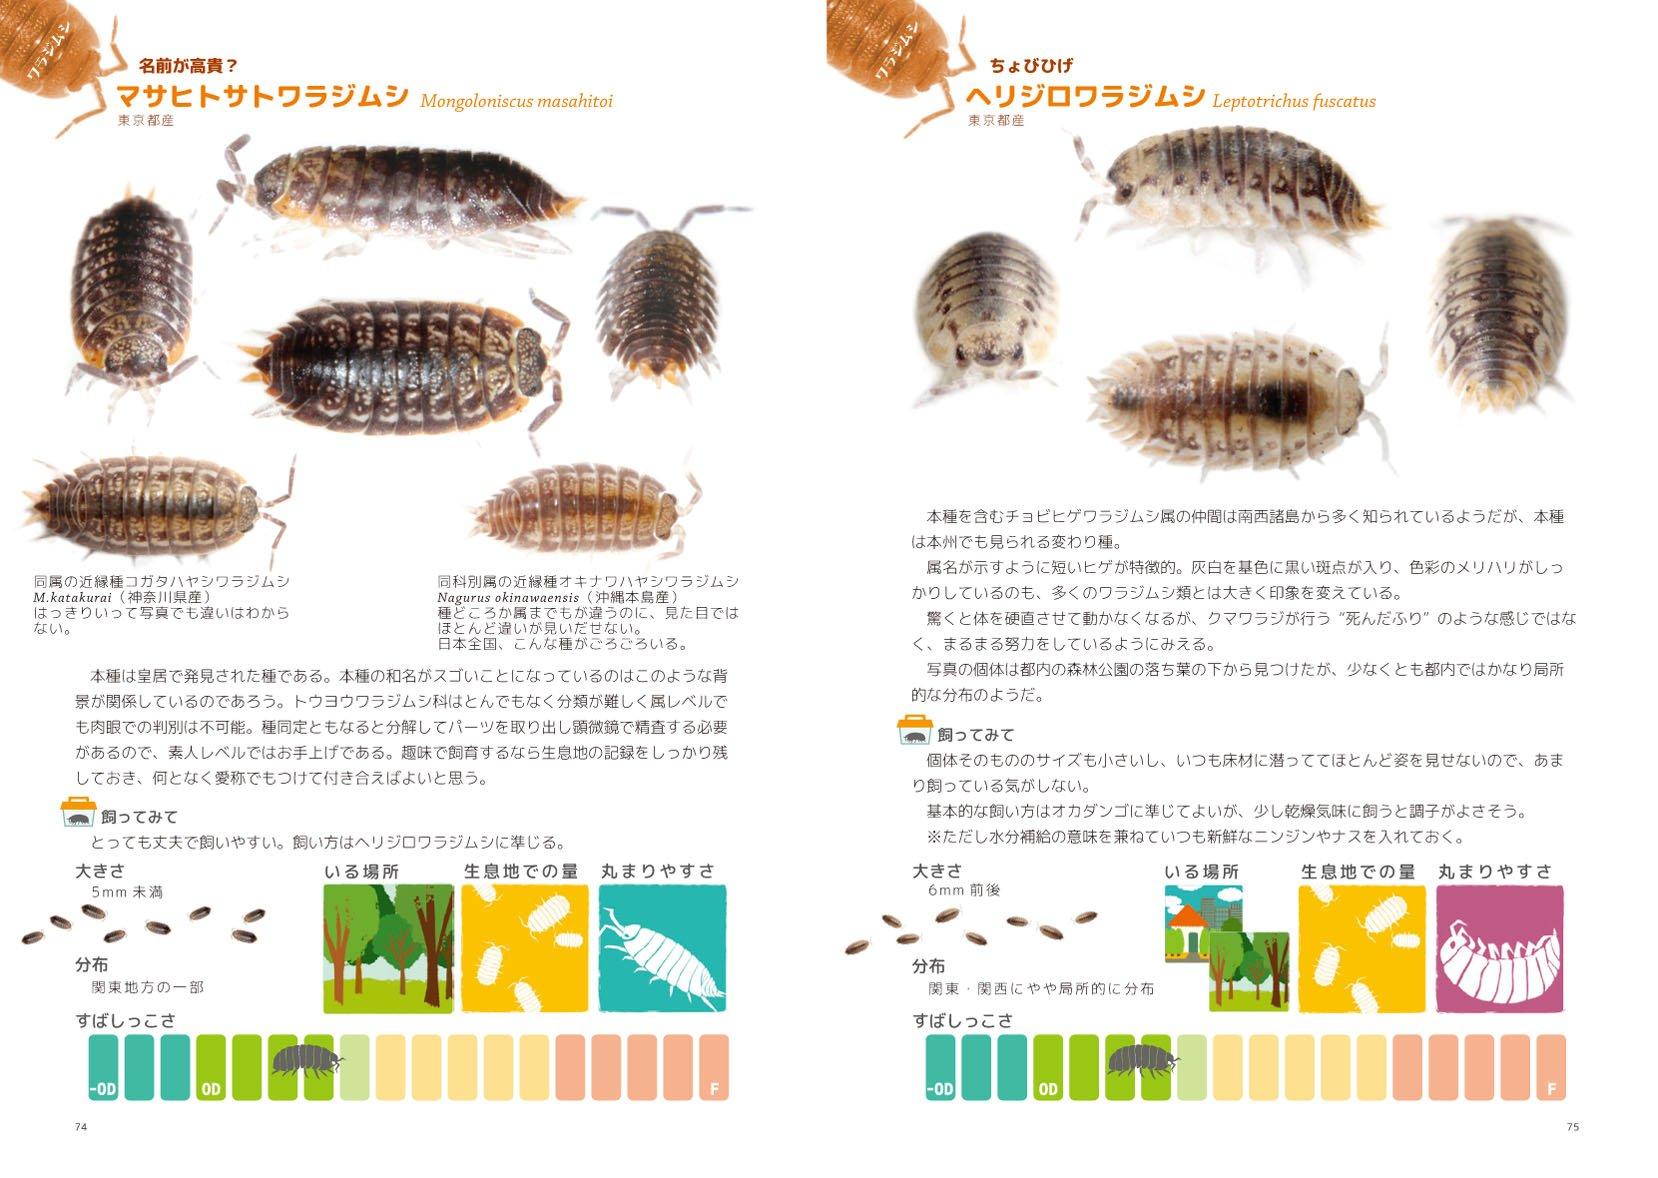 食べ物 ダンゴムシ